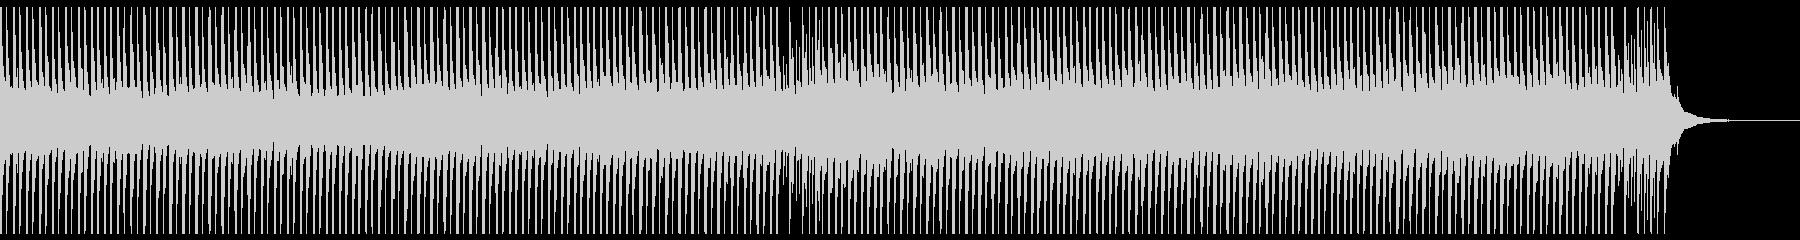 旅行(60秒)の未再生の波形